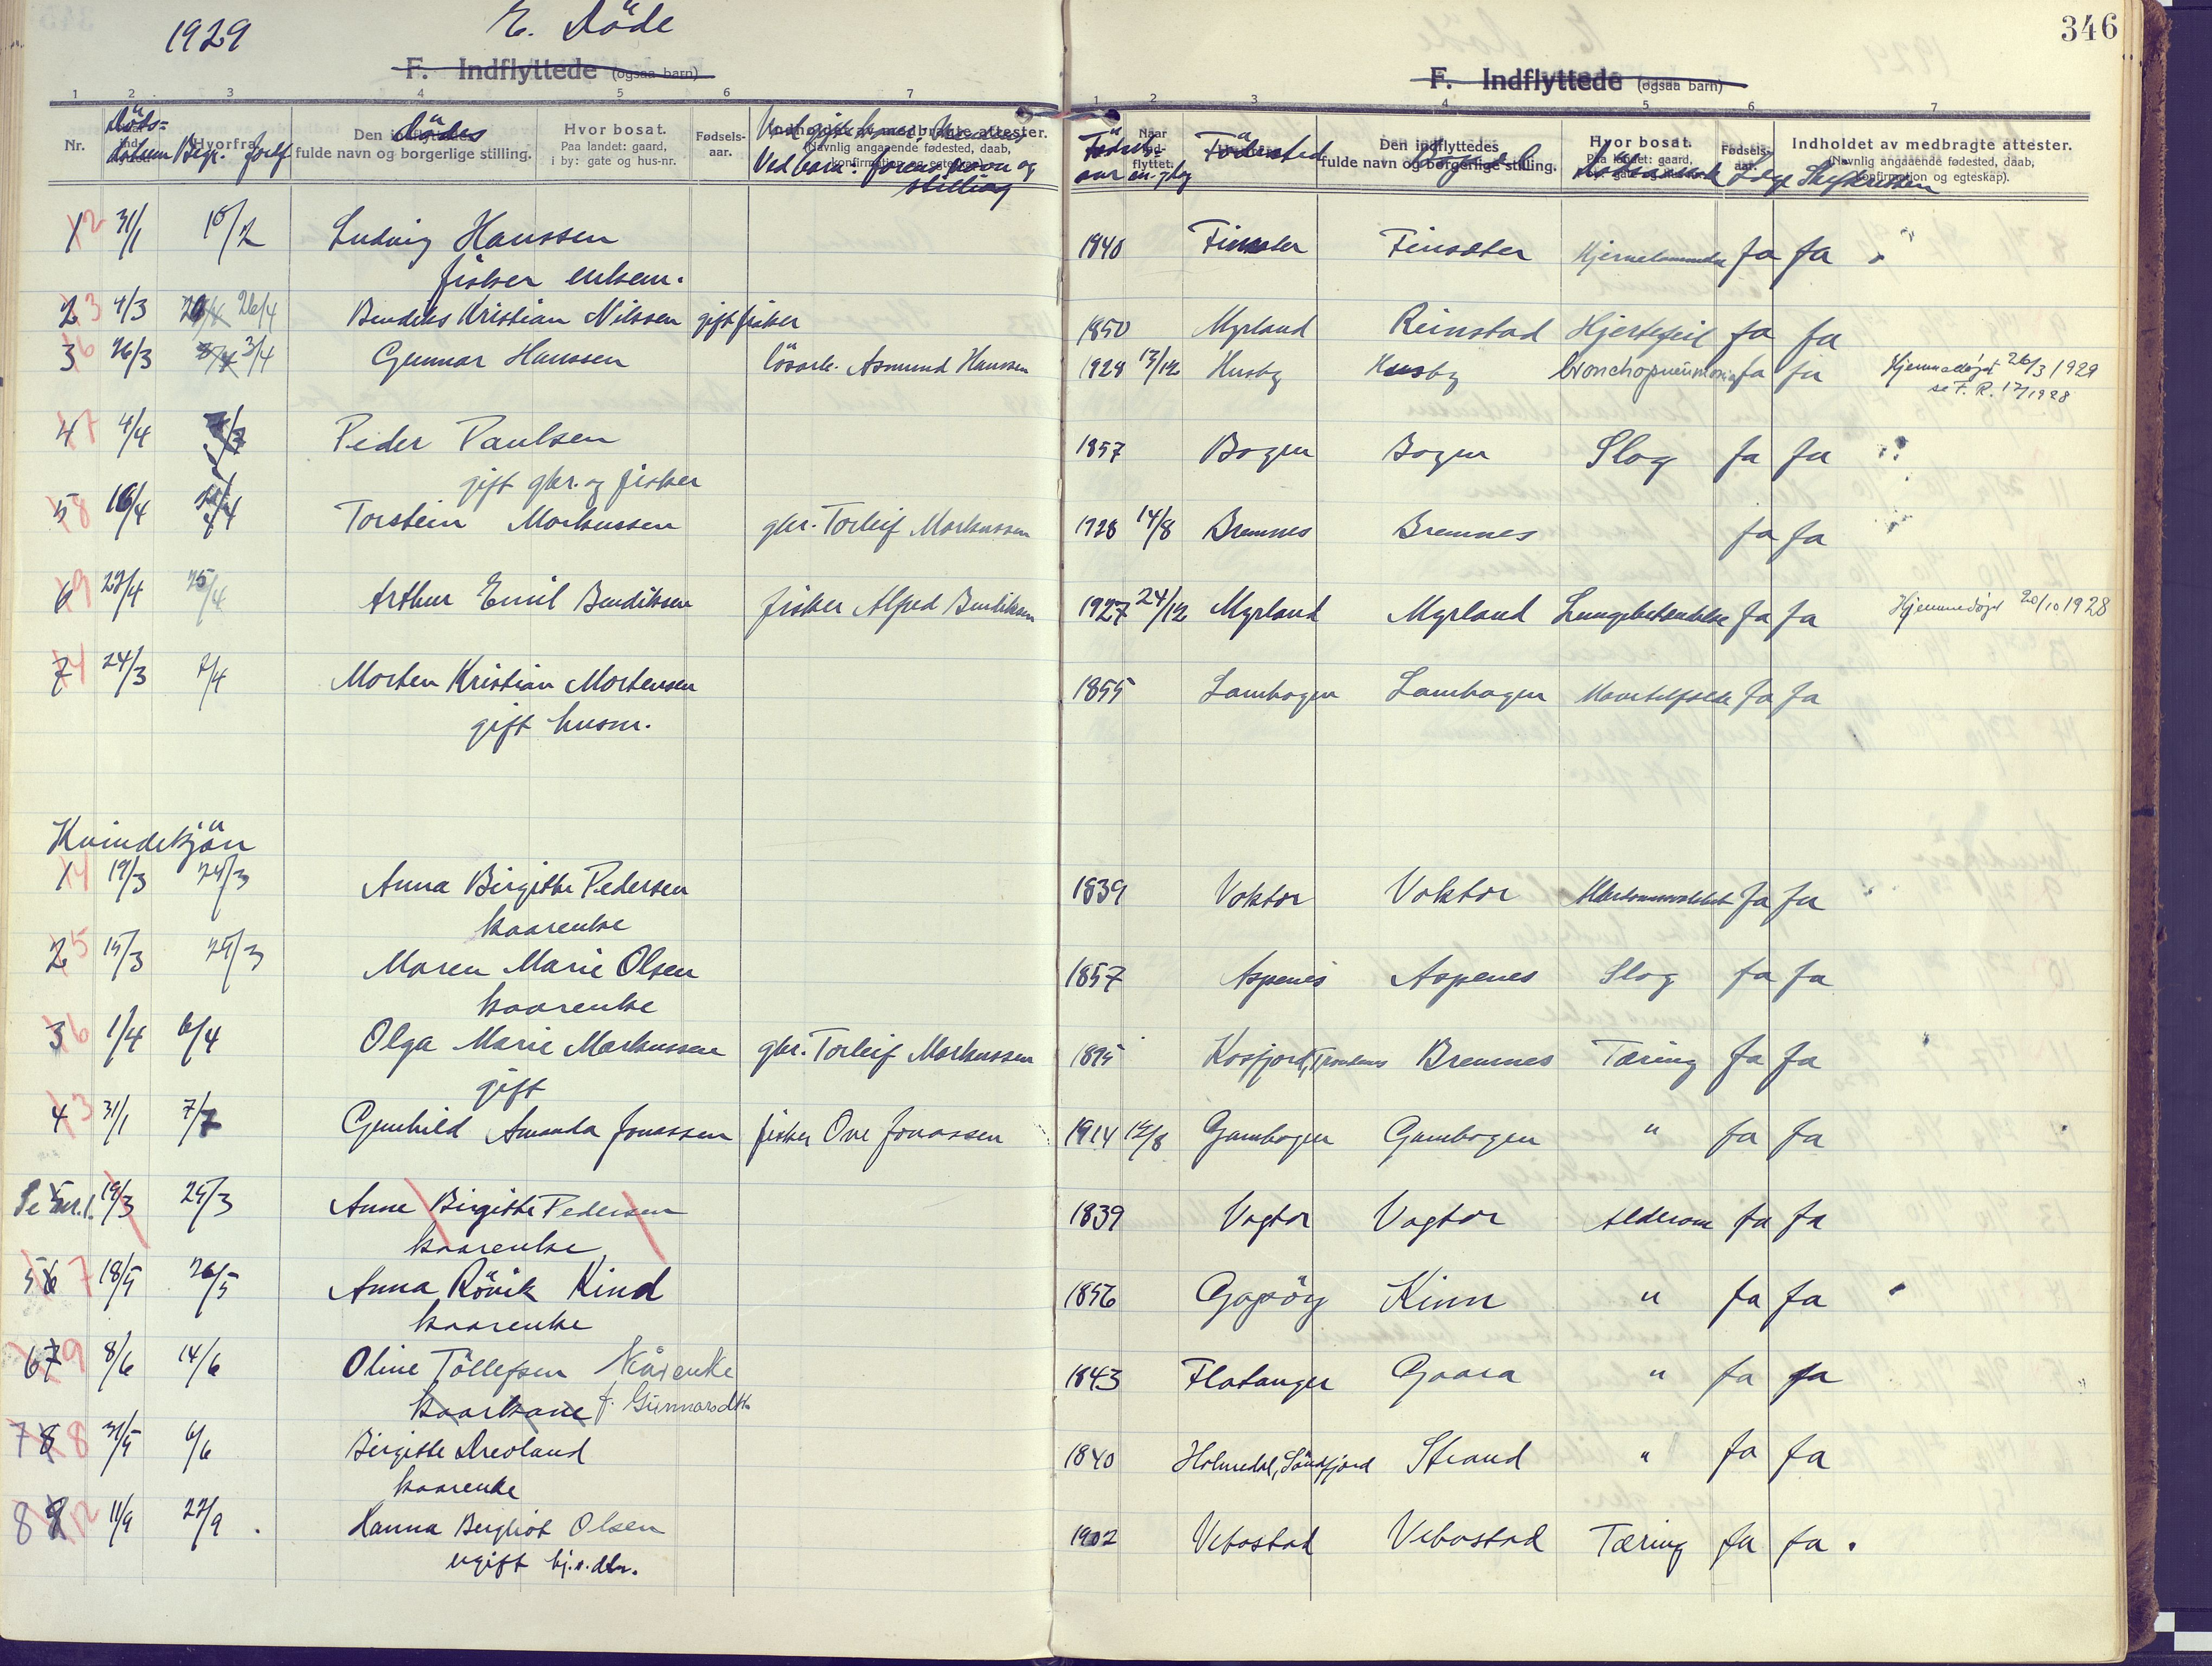 SATØ, Kvæfjord sokneprestkontor, G/Ga/Gaa/L0007kirke: Ministerialbok nr. 7, 1915-1931, s. 346